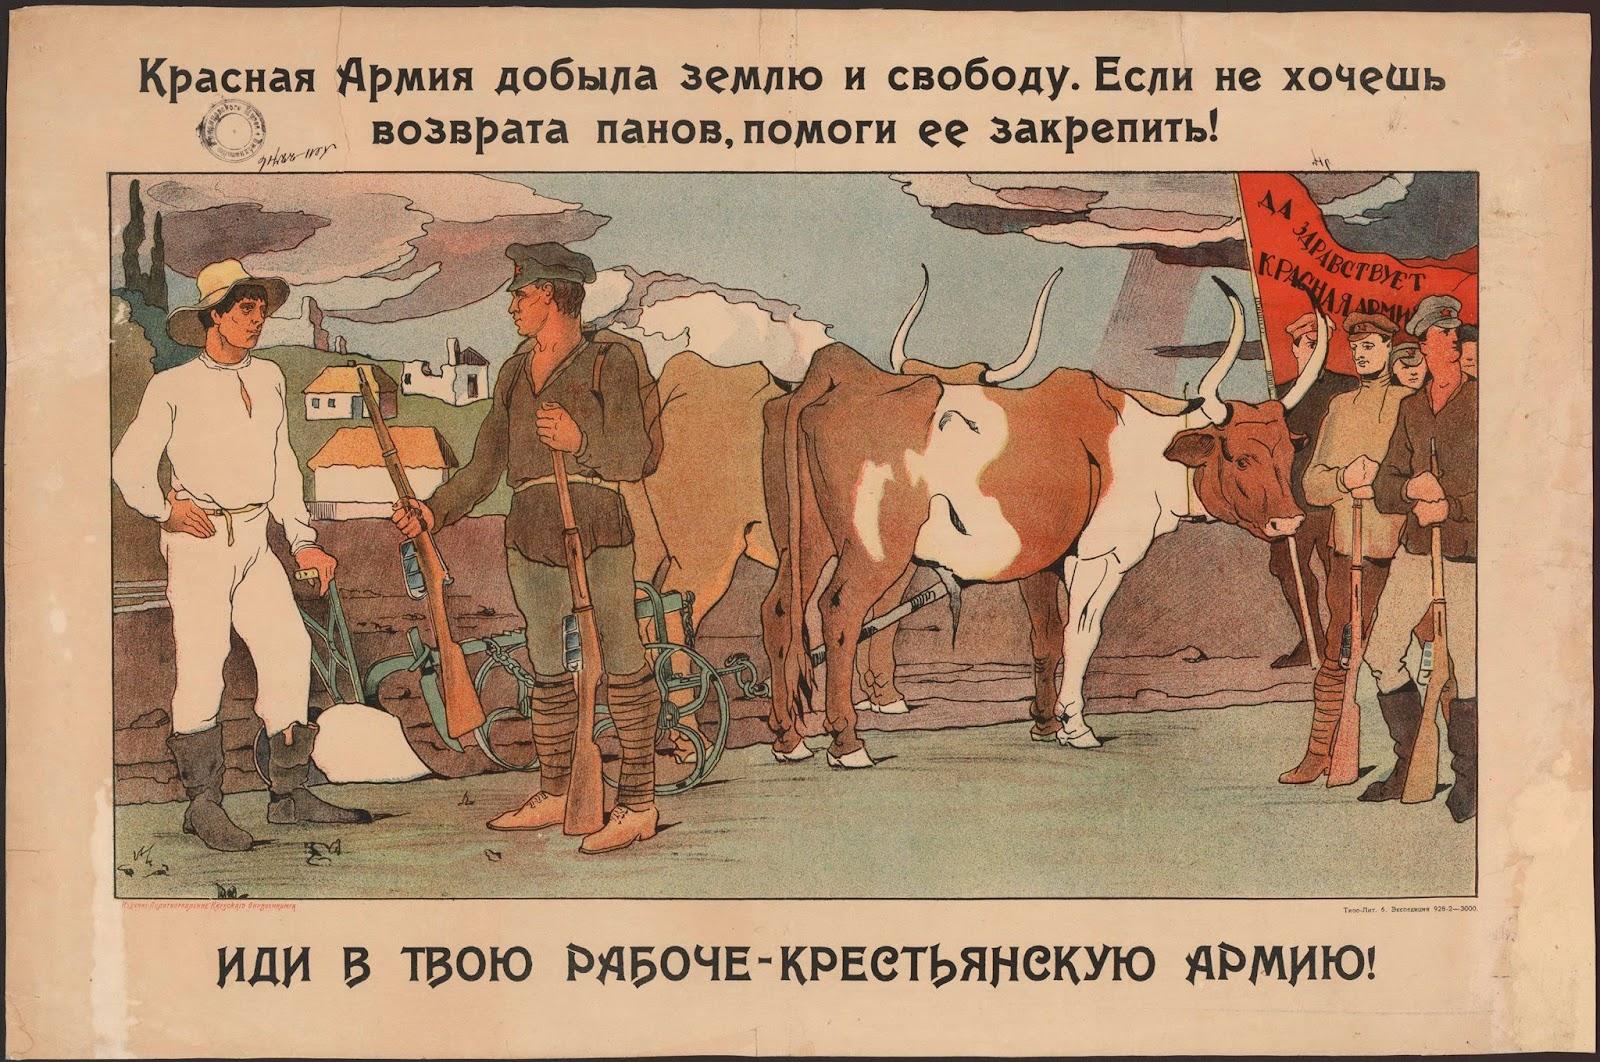 Радянський агітаційний плакат, 1920 рік